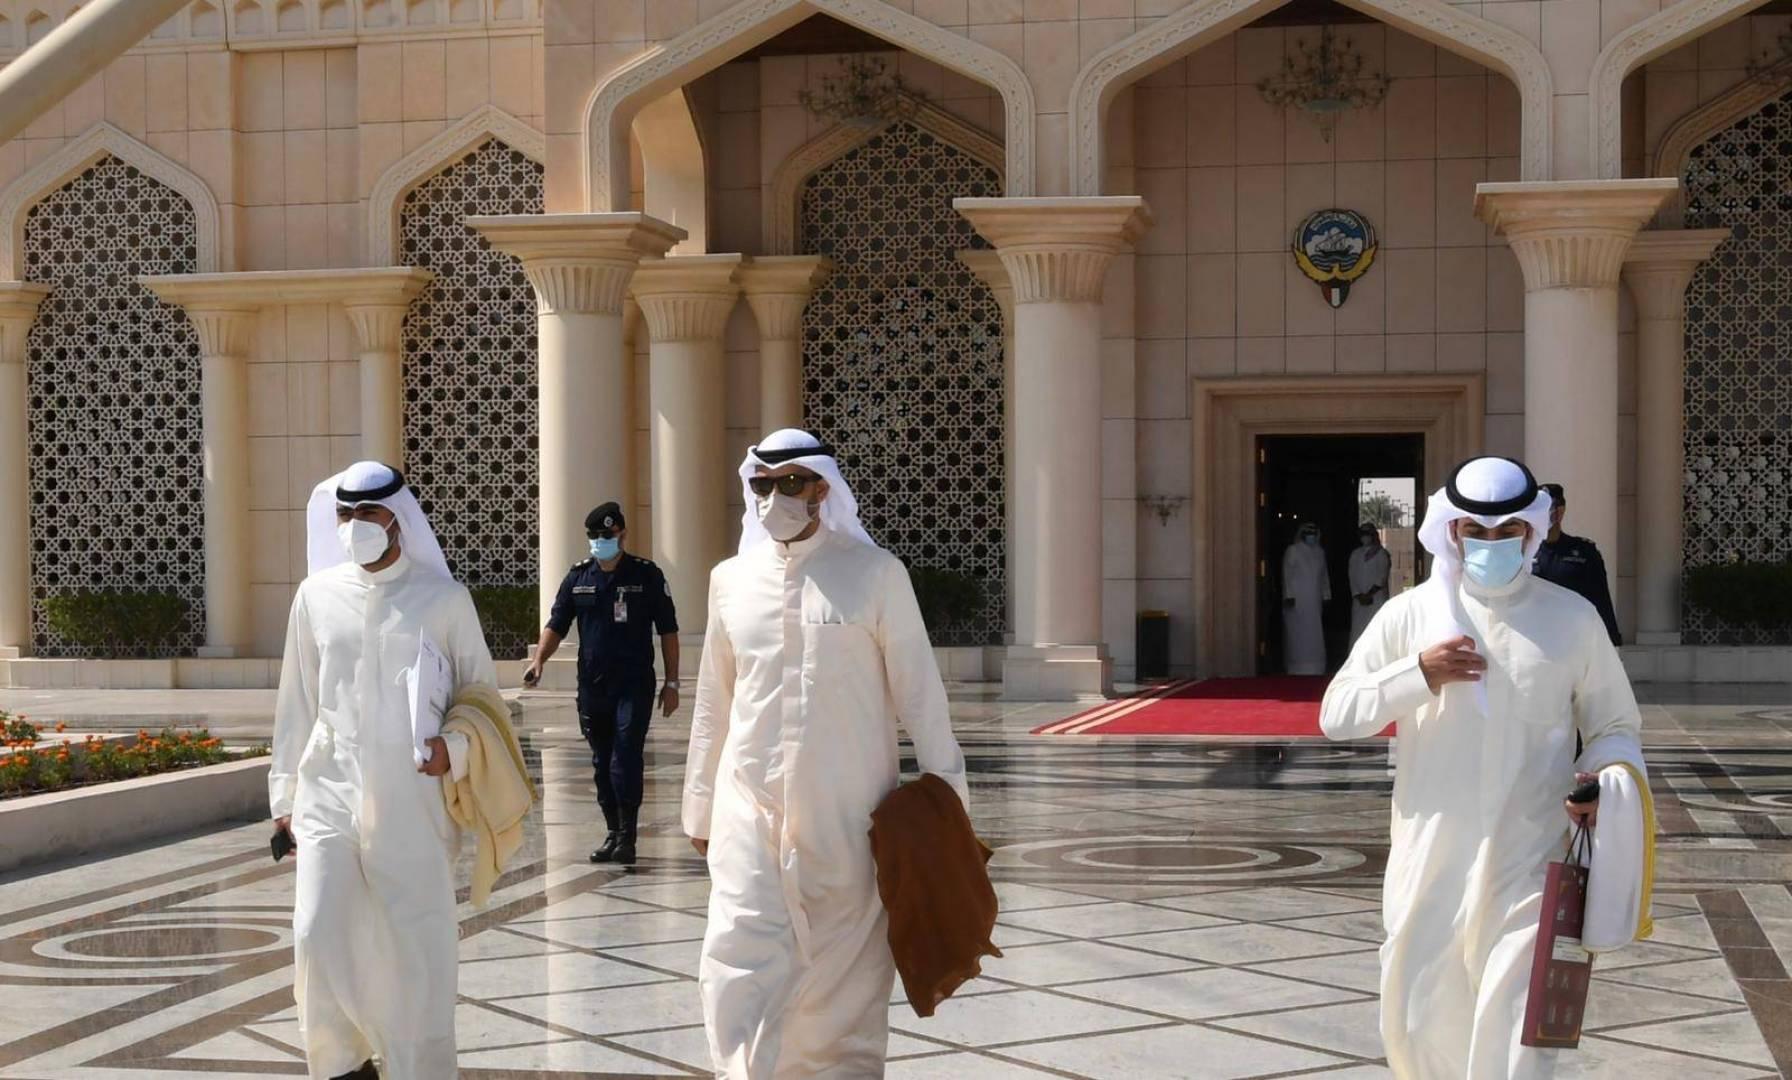 مبعوث سمو الأمير يتوجه إلى السعودية لتسليم رسالتين لخادم الحرمين وولي عهده